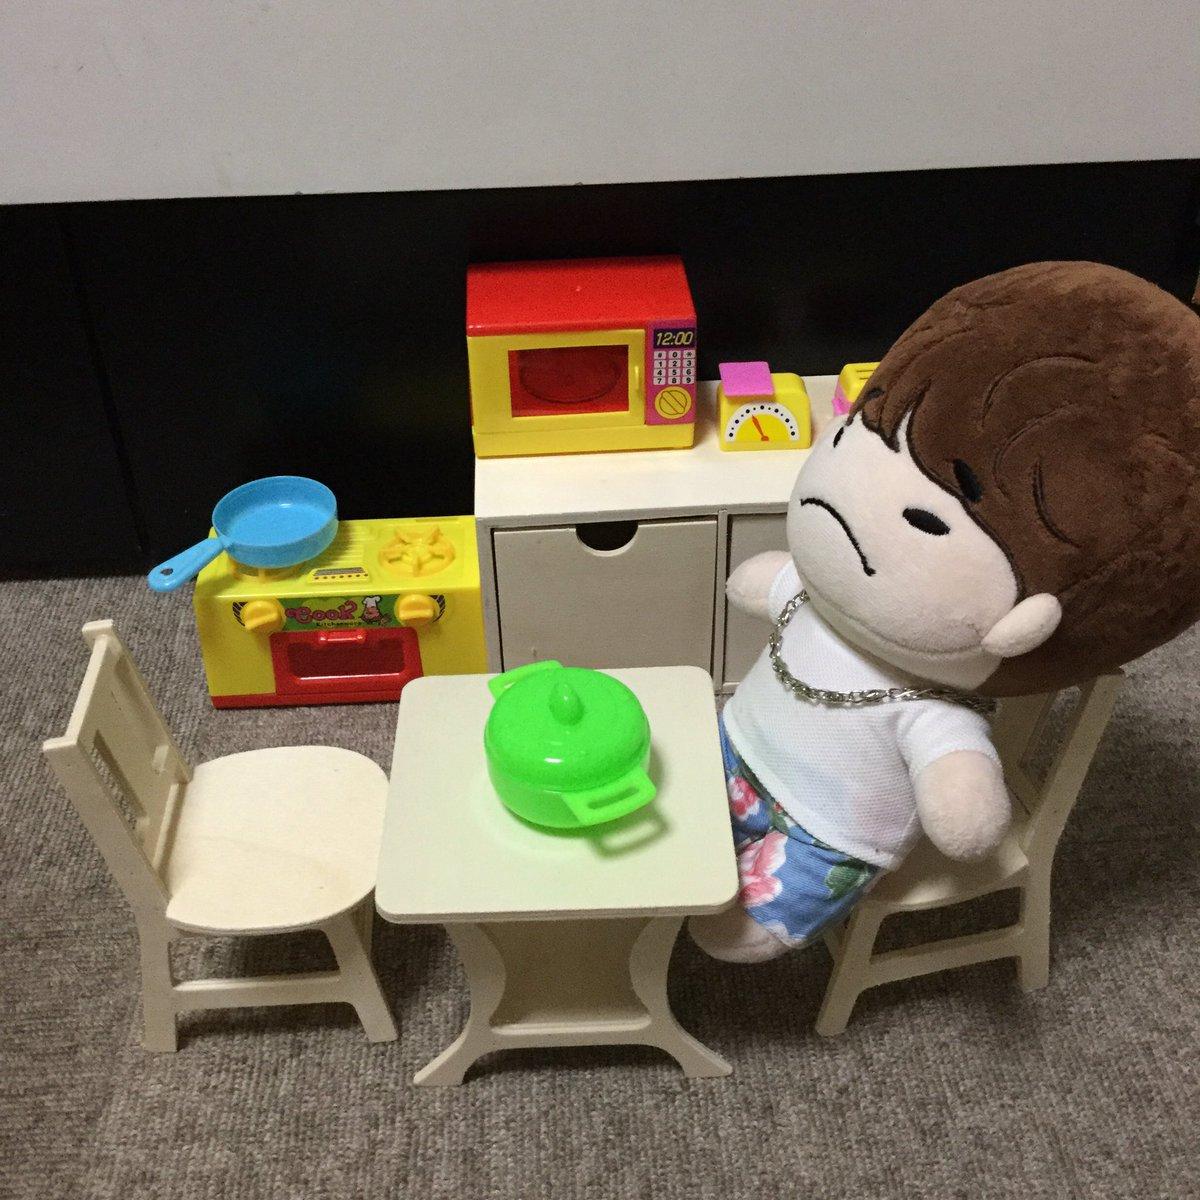 test ツイッターメディア - こちらは数ヶ月前にセリアで買ったキッチンセット。ガスコンロが少し小さくて残念😊 家具は以前紹介したダイソーで買った物です😄 #2PM #JUNHO #セリア #ダイソー #100均 #ドール #doll https://t.co/DEOOjFpj2P